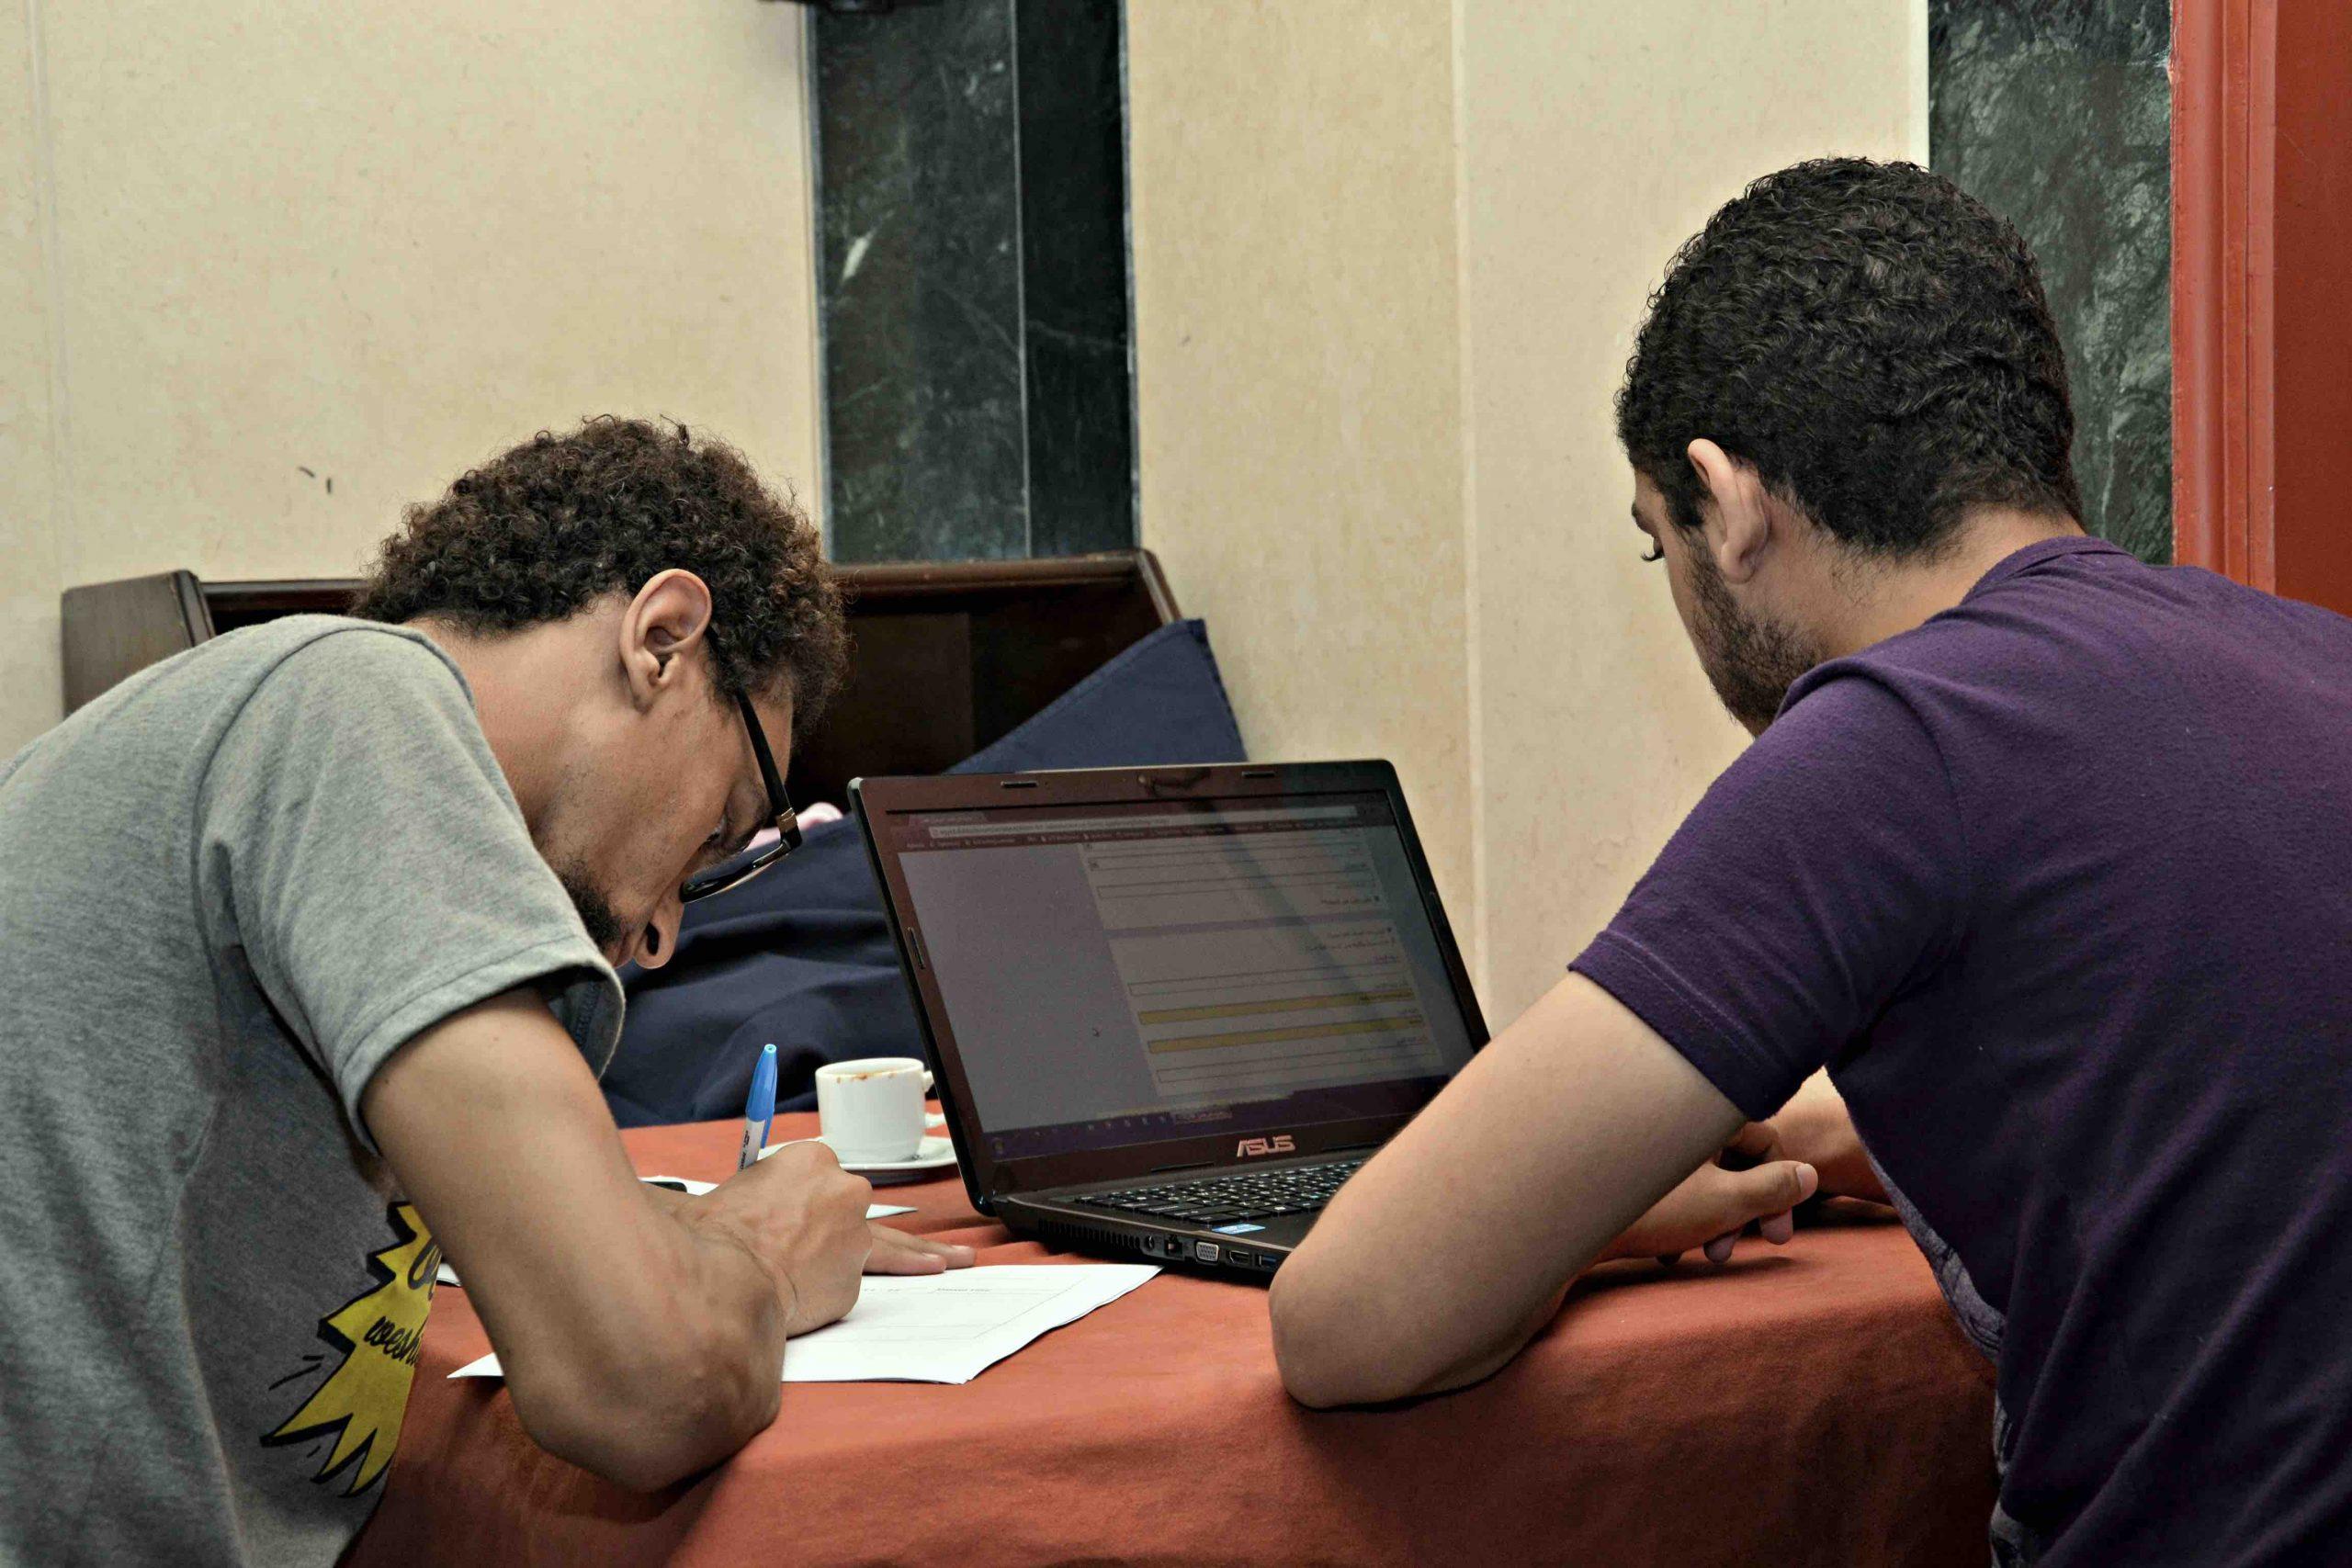 صورة أثناء اجراء الاختبار الفعلي مع مستخدم لمنصة دوبيزل وملأ الاستبيان